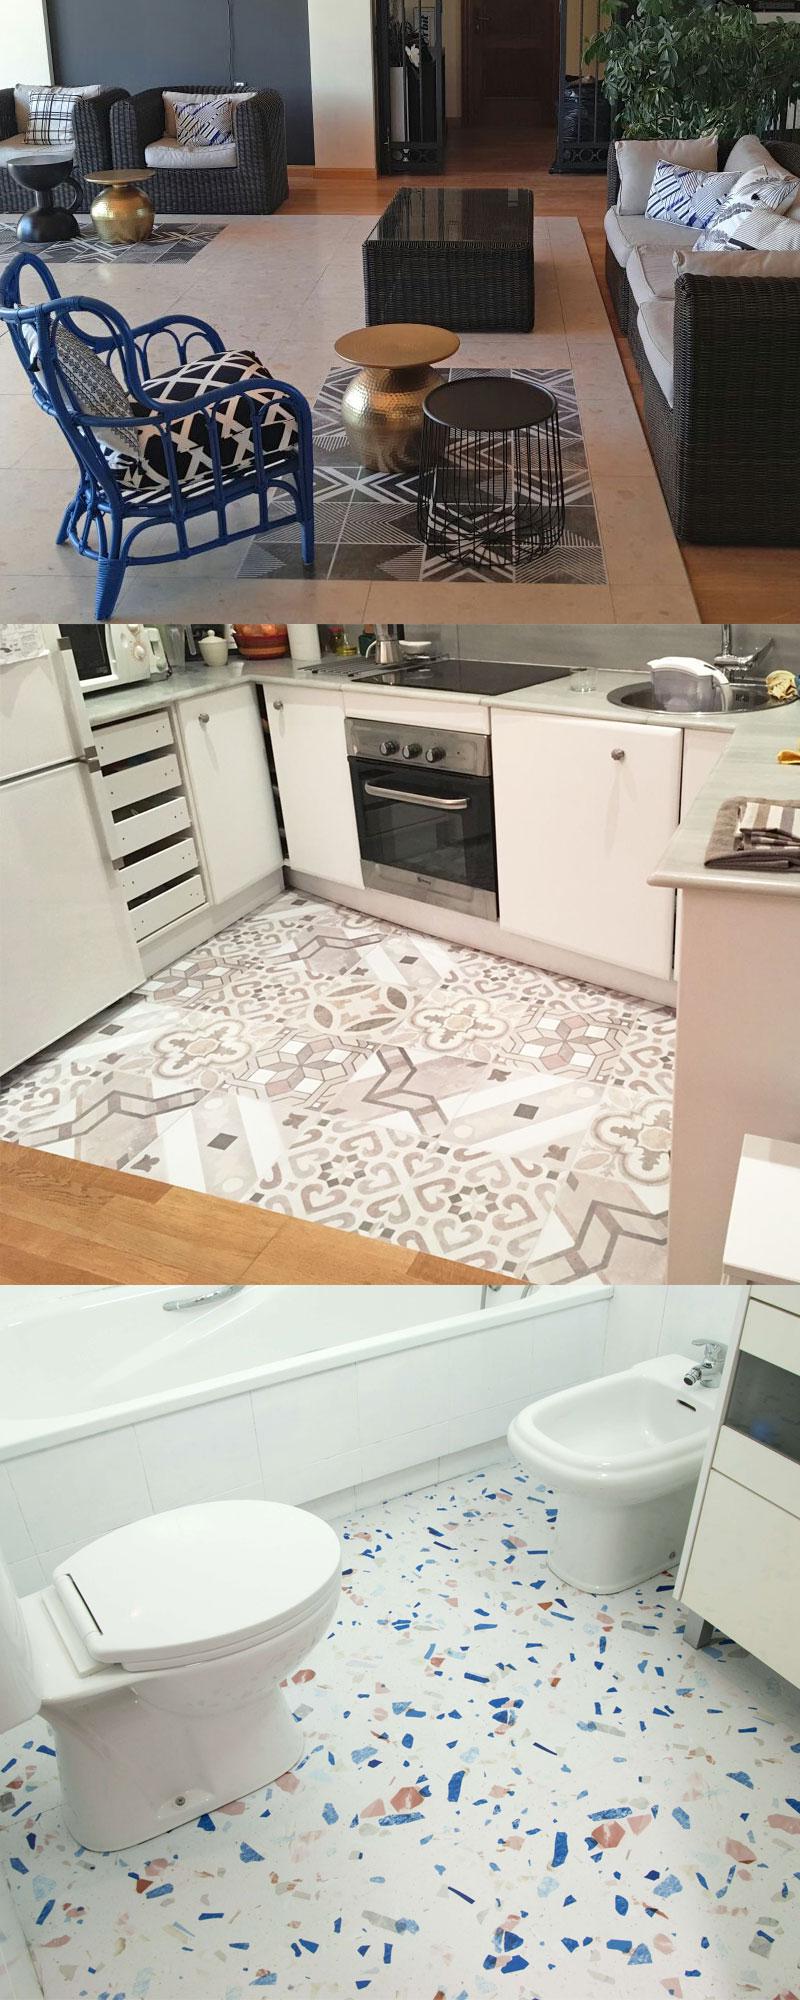 Vinilos autoadhesivos para suelos de dormitorios, baños, cocinas